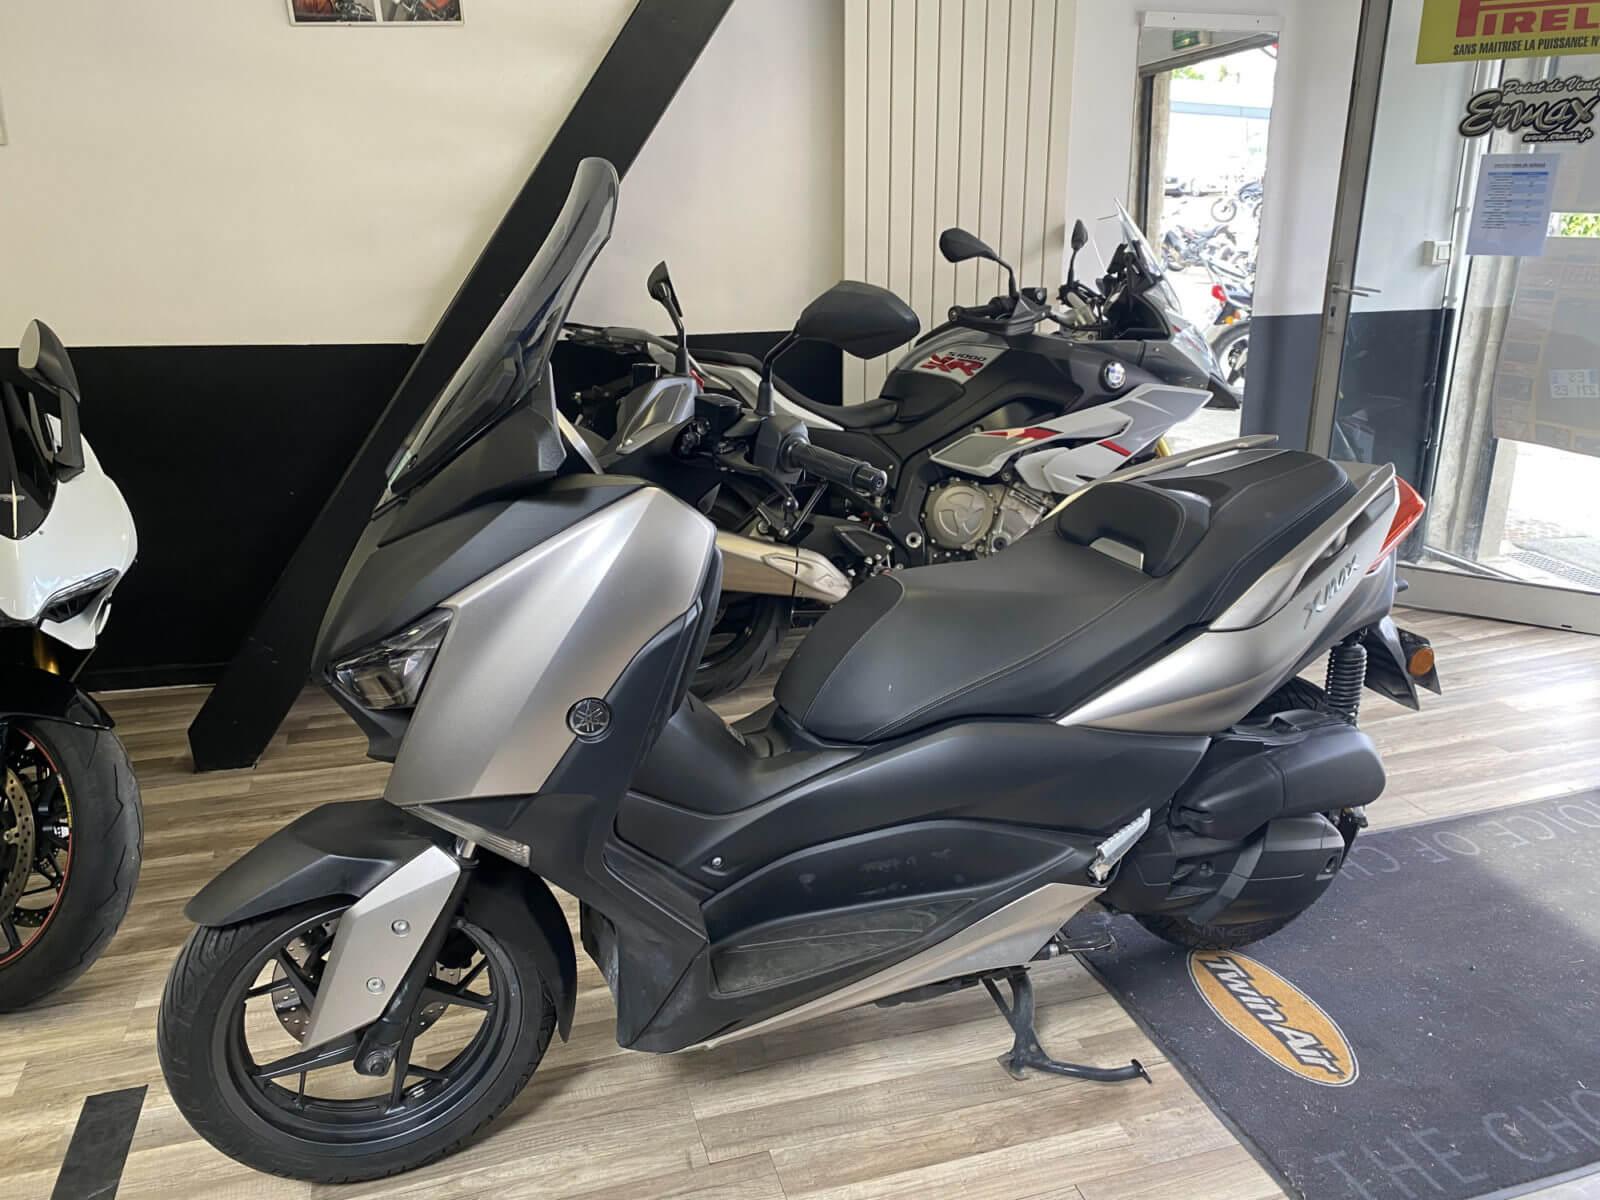 Yamaha X-Max 125 – 4199€